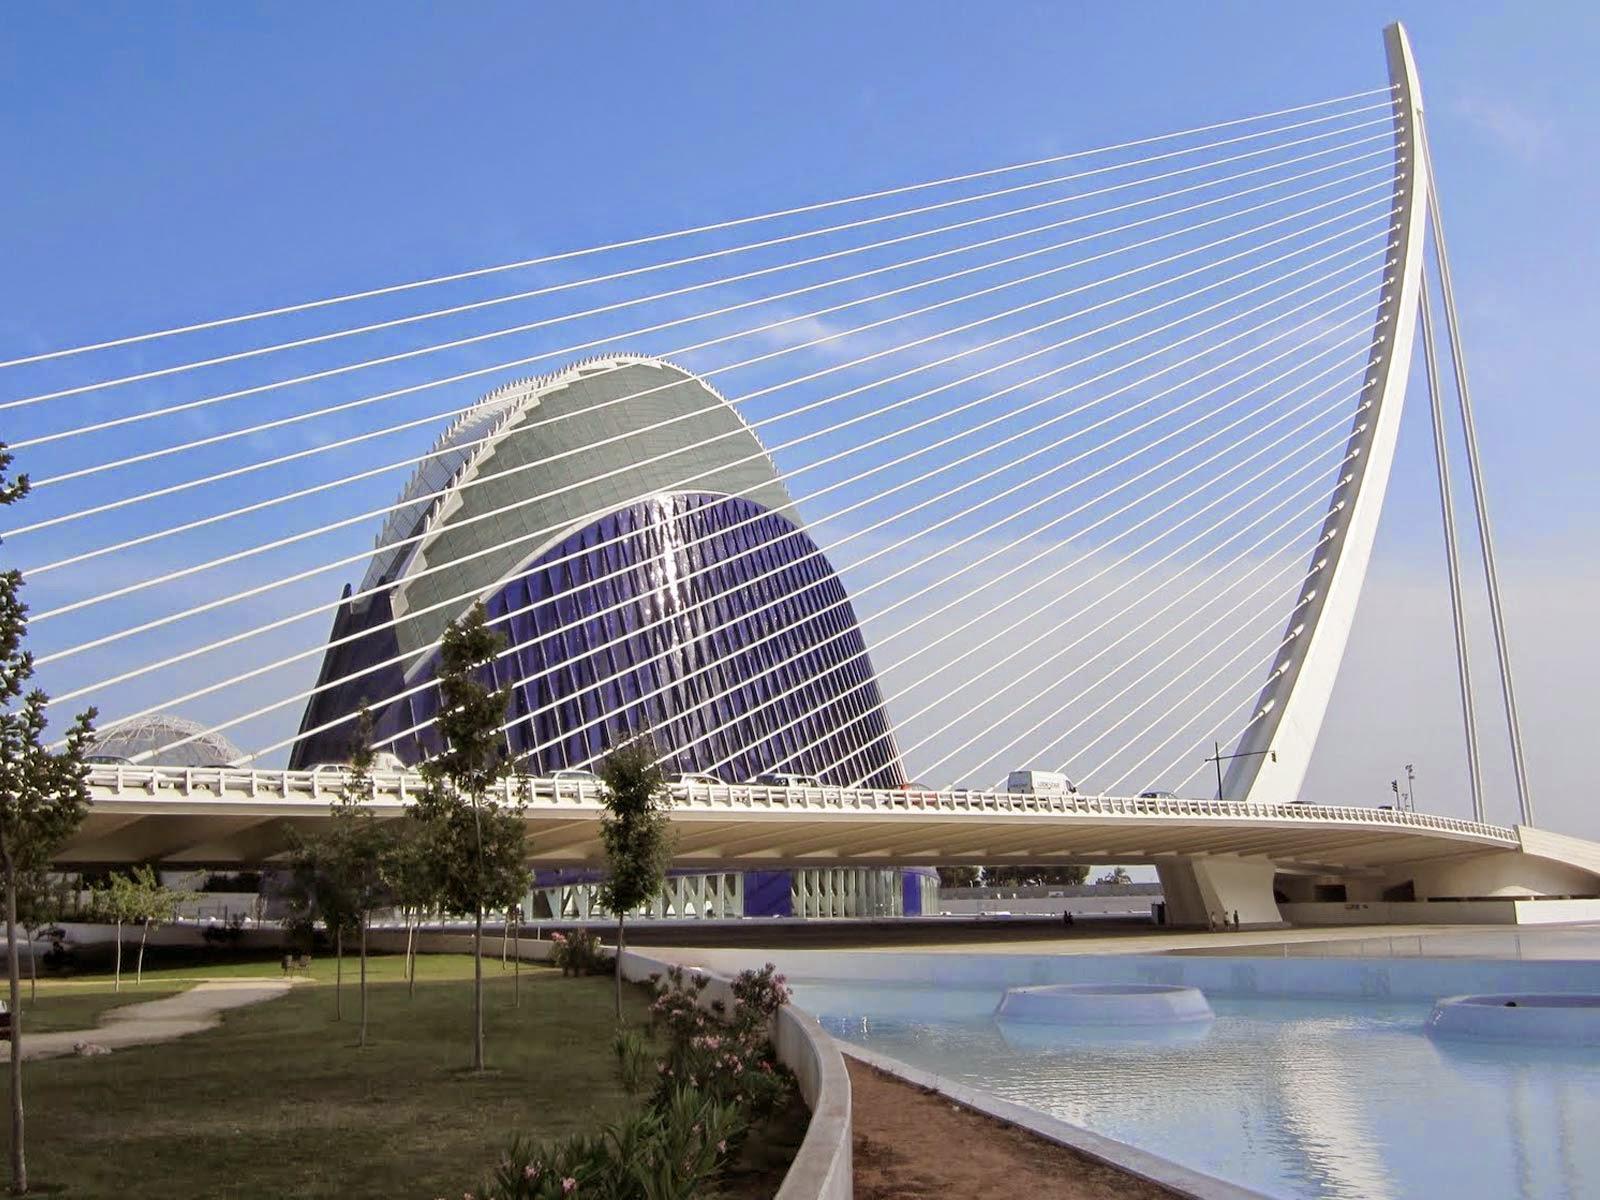 Puente Assut Or